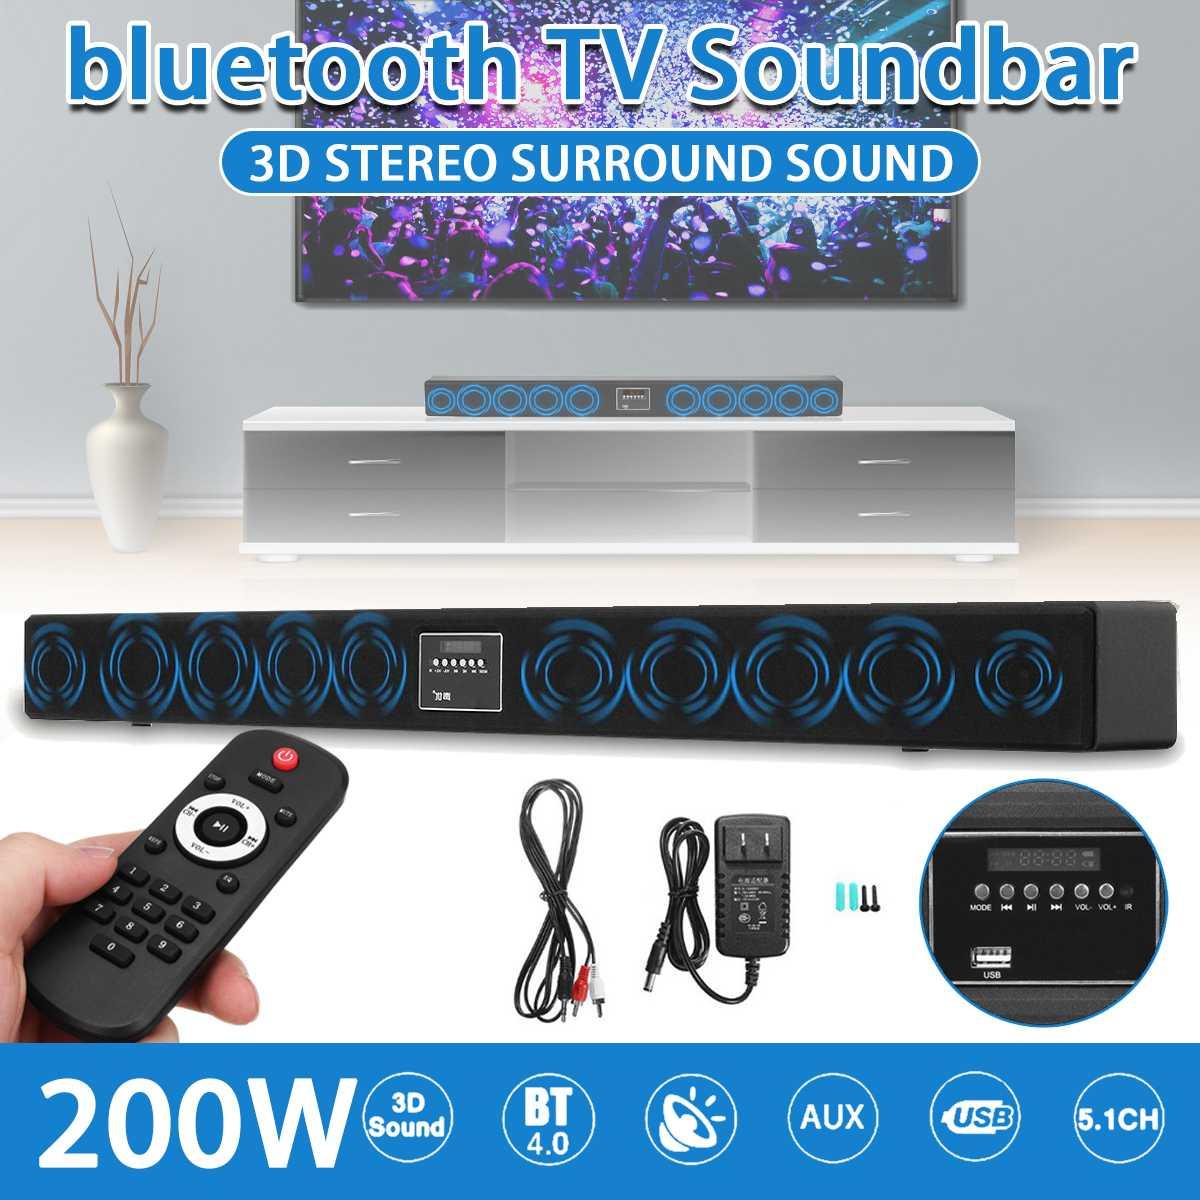 200 واط بلوتوث TV Soundbar مع 10 مكبرات الصوت نظام مسرح منزلي ثلاثية الأبعاد شريط الصوت المحيطي التحكم عن بعد مع مضخم للصوت للتلفزيون